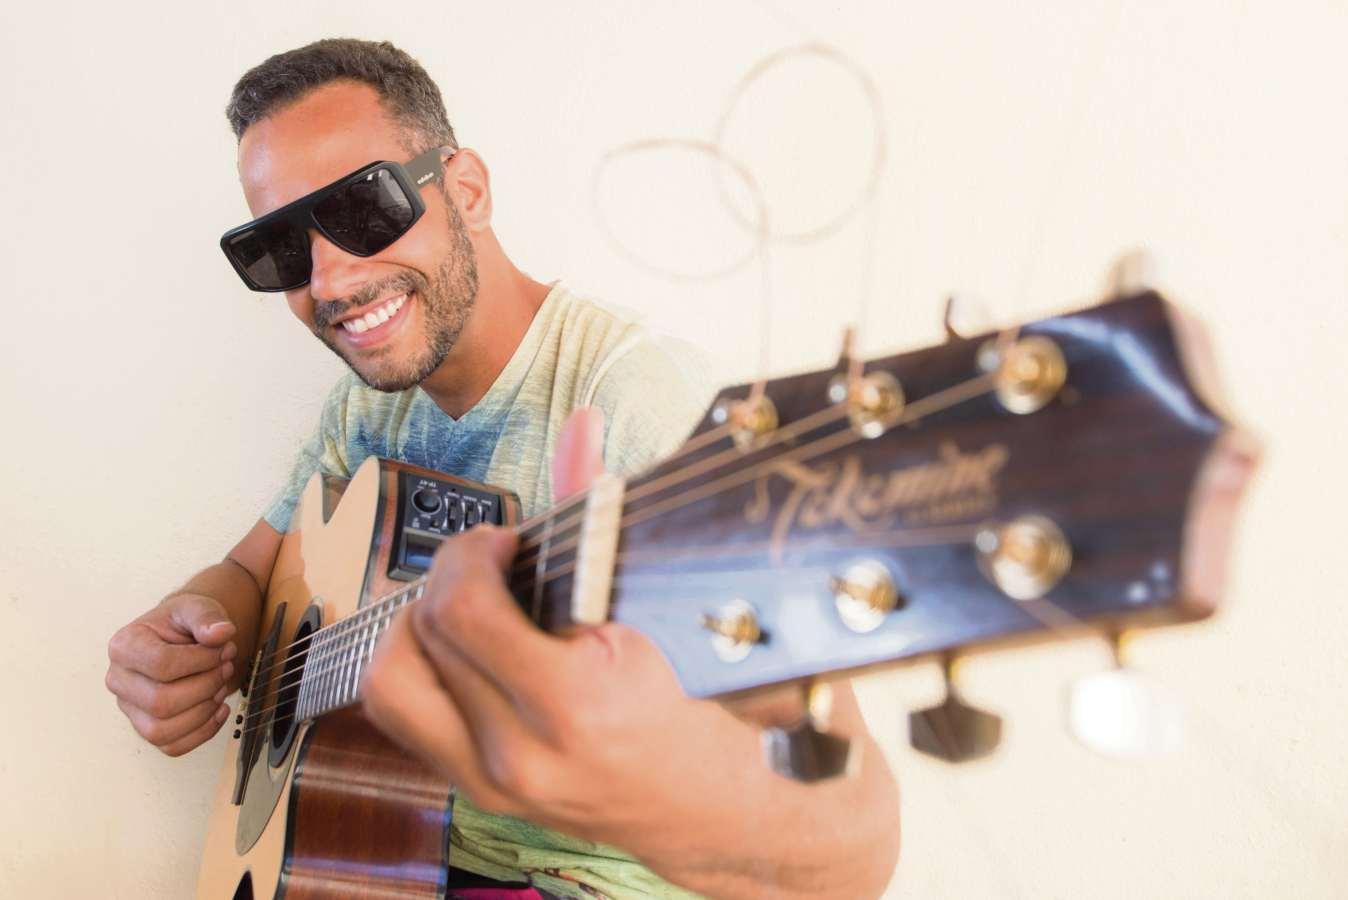 Marco Túlio se apresenta no projeto Som de Fogueira. Crédito: Eduardo Augreaves/Divulgação